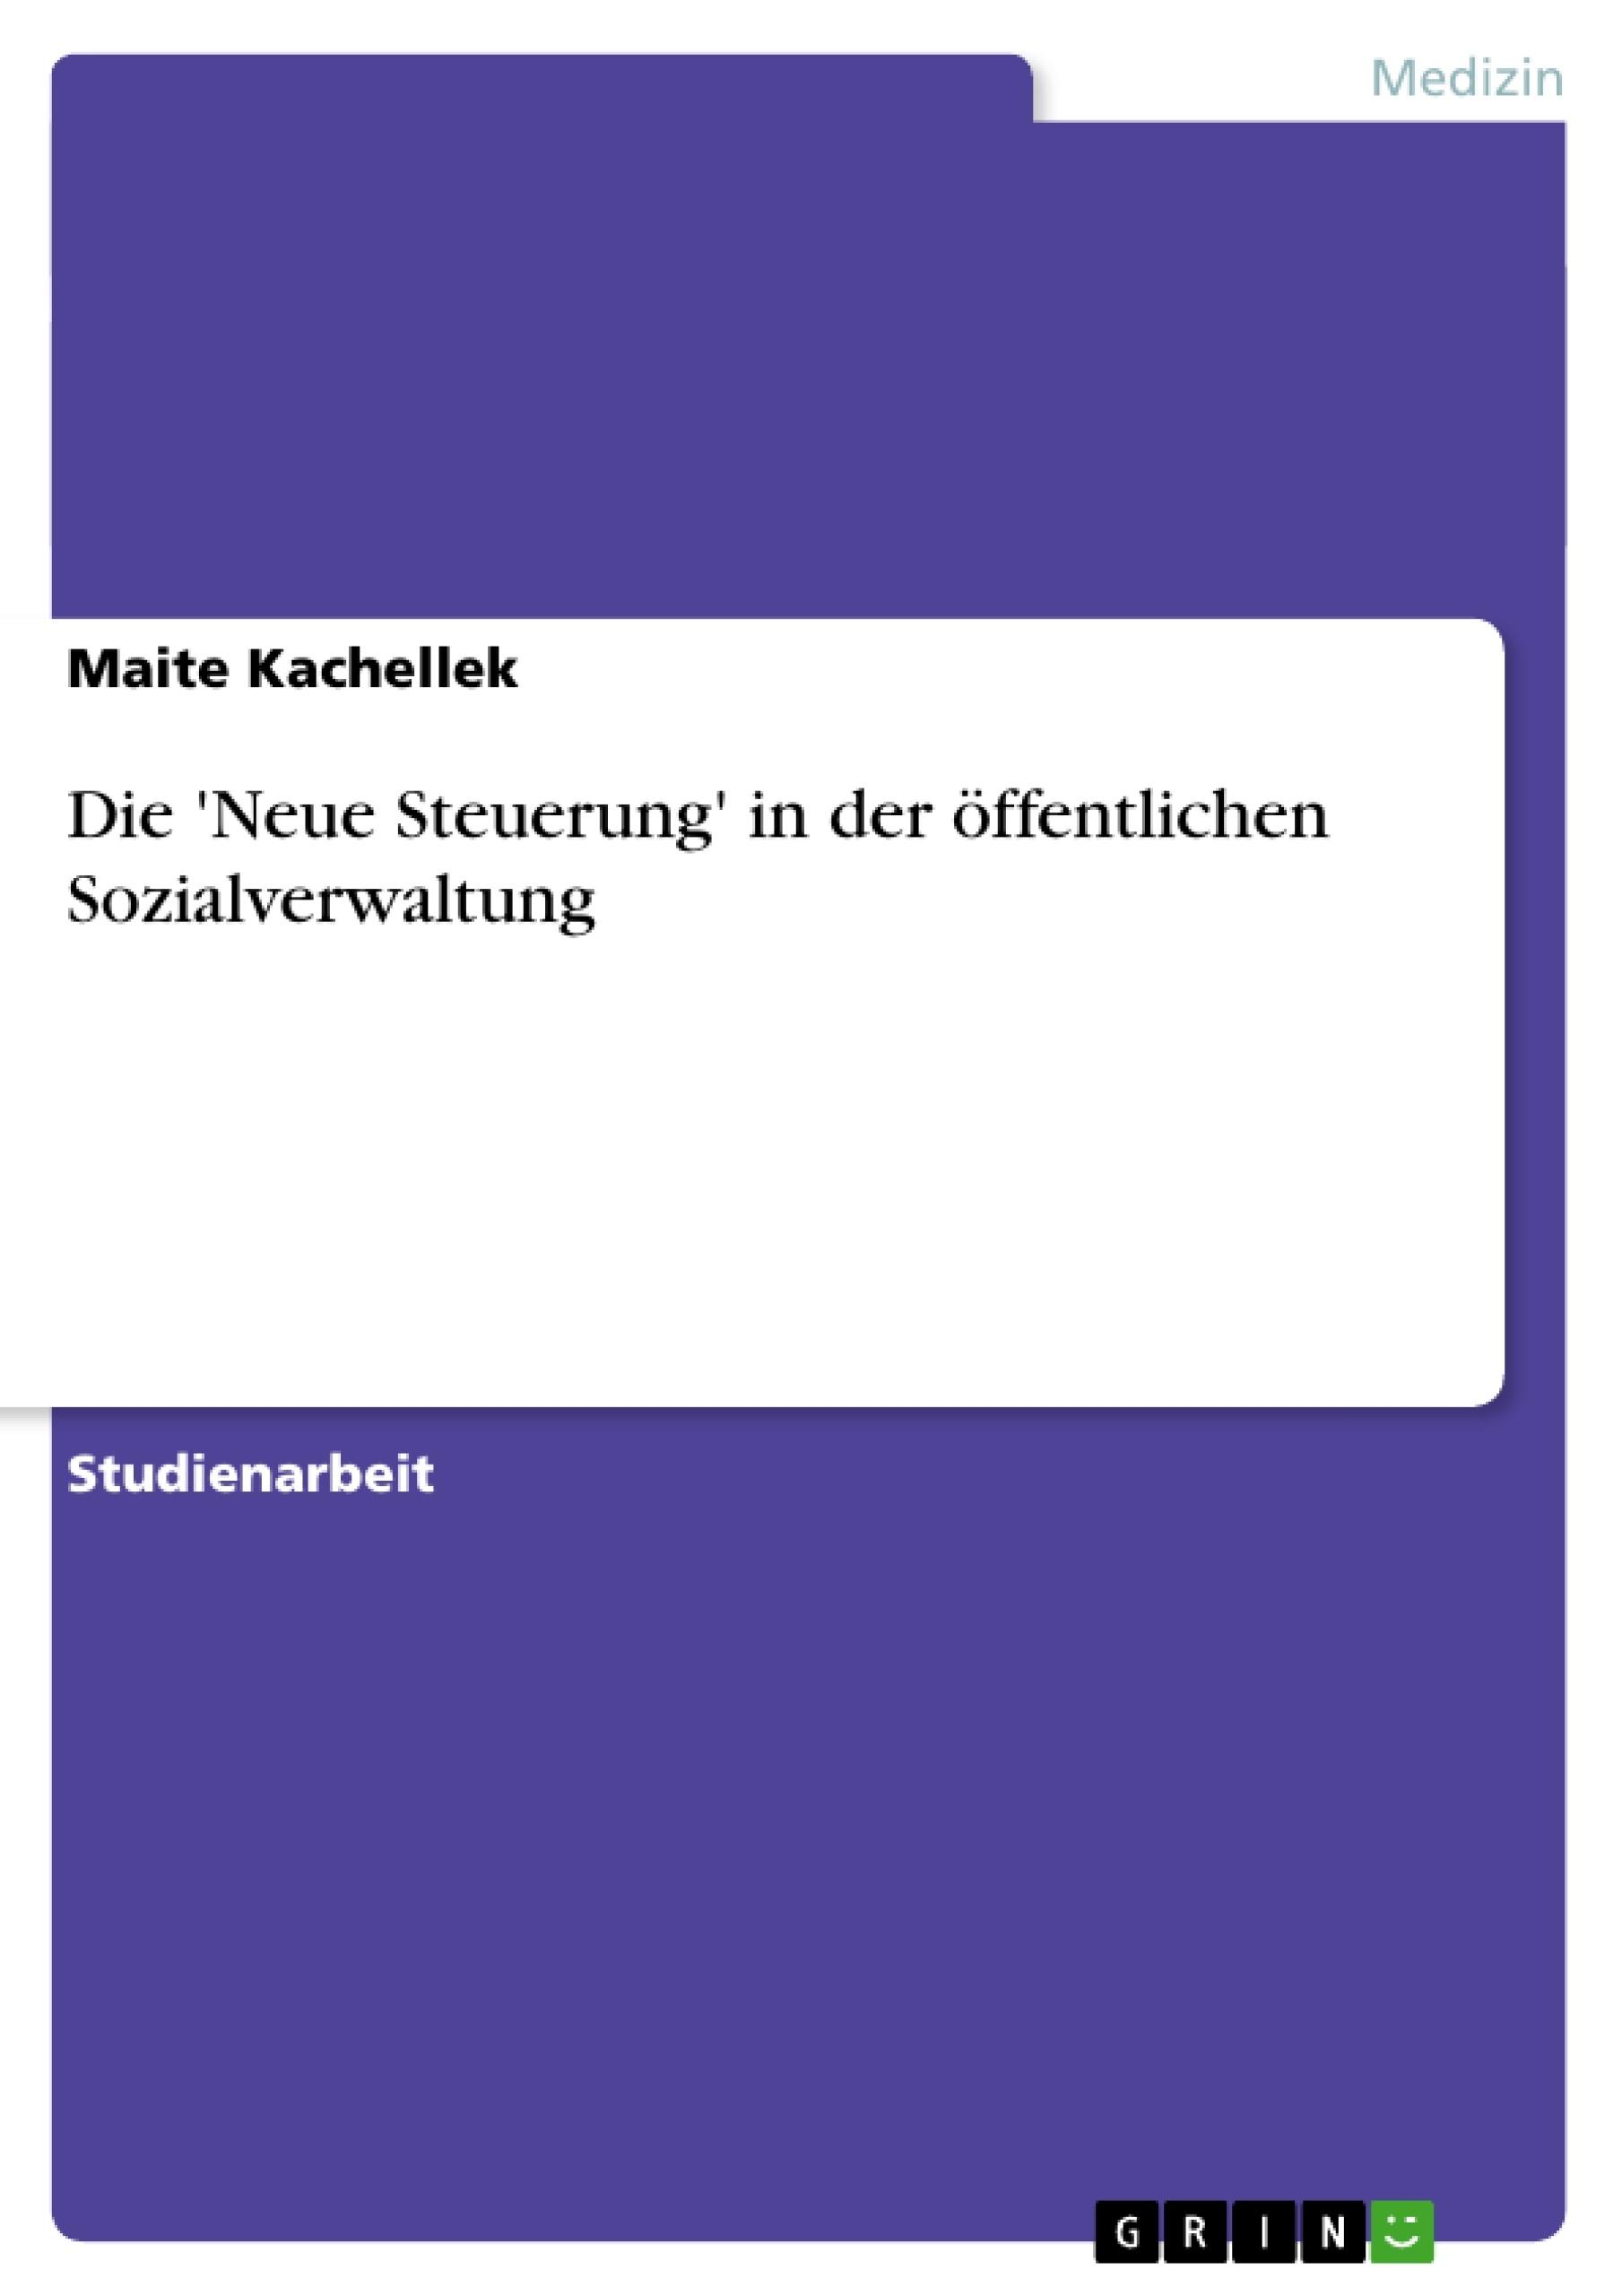 Titel: Die 'Neue Steuerung' in der öffentlichen Sozialverwaltung